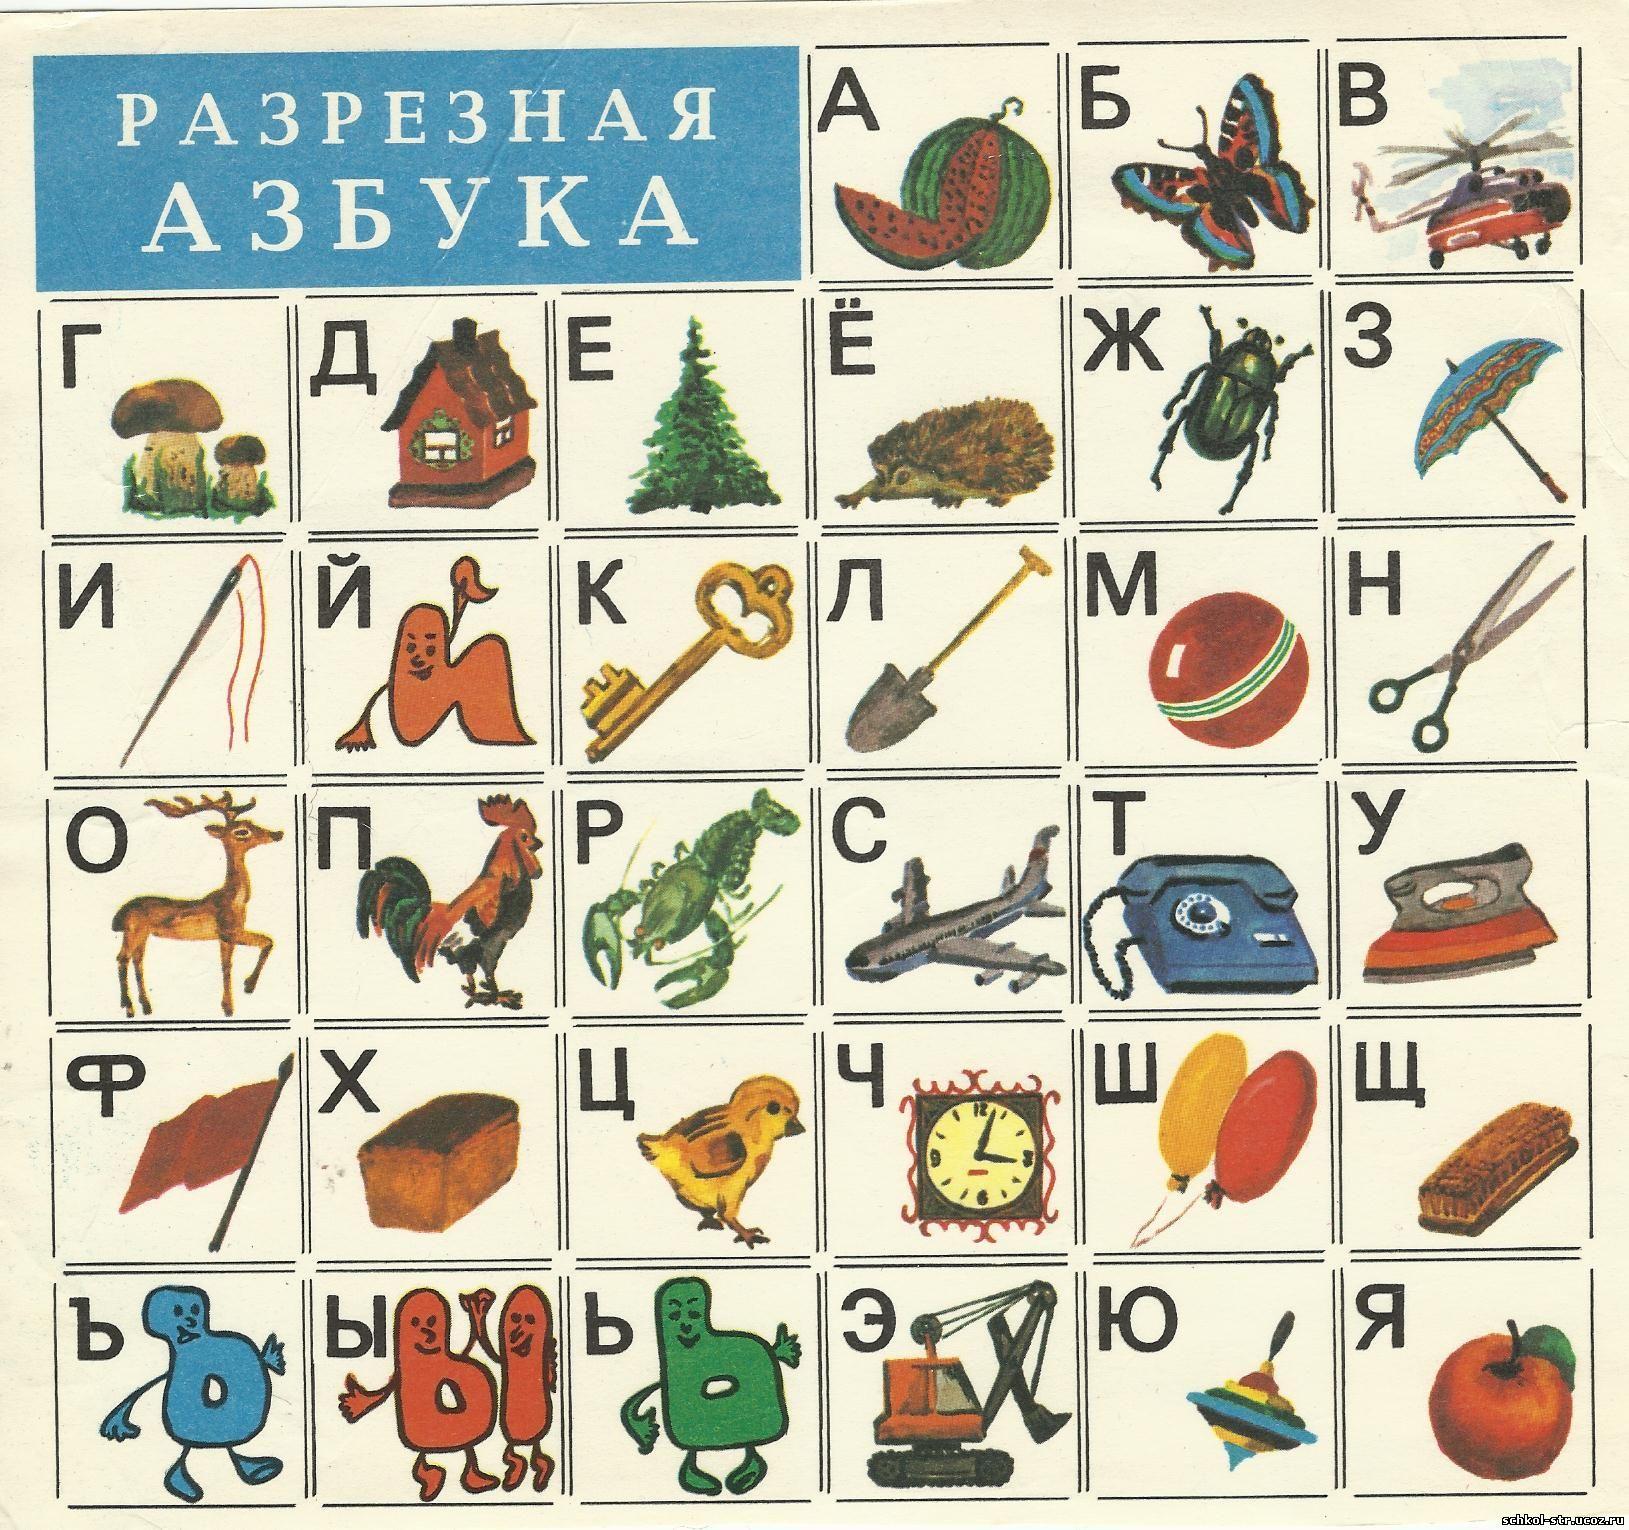 з 5 букв розрізаної азбуки складено слово книжка полипропилена термобелье